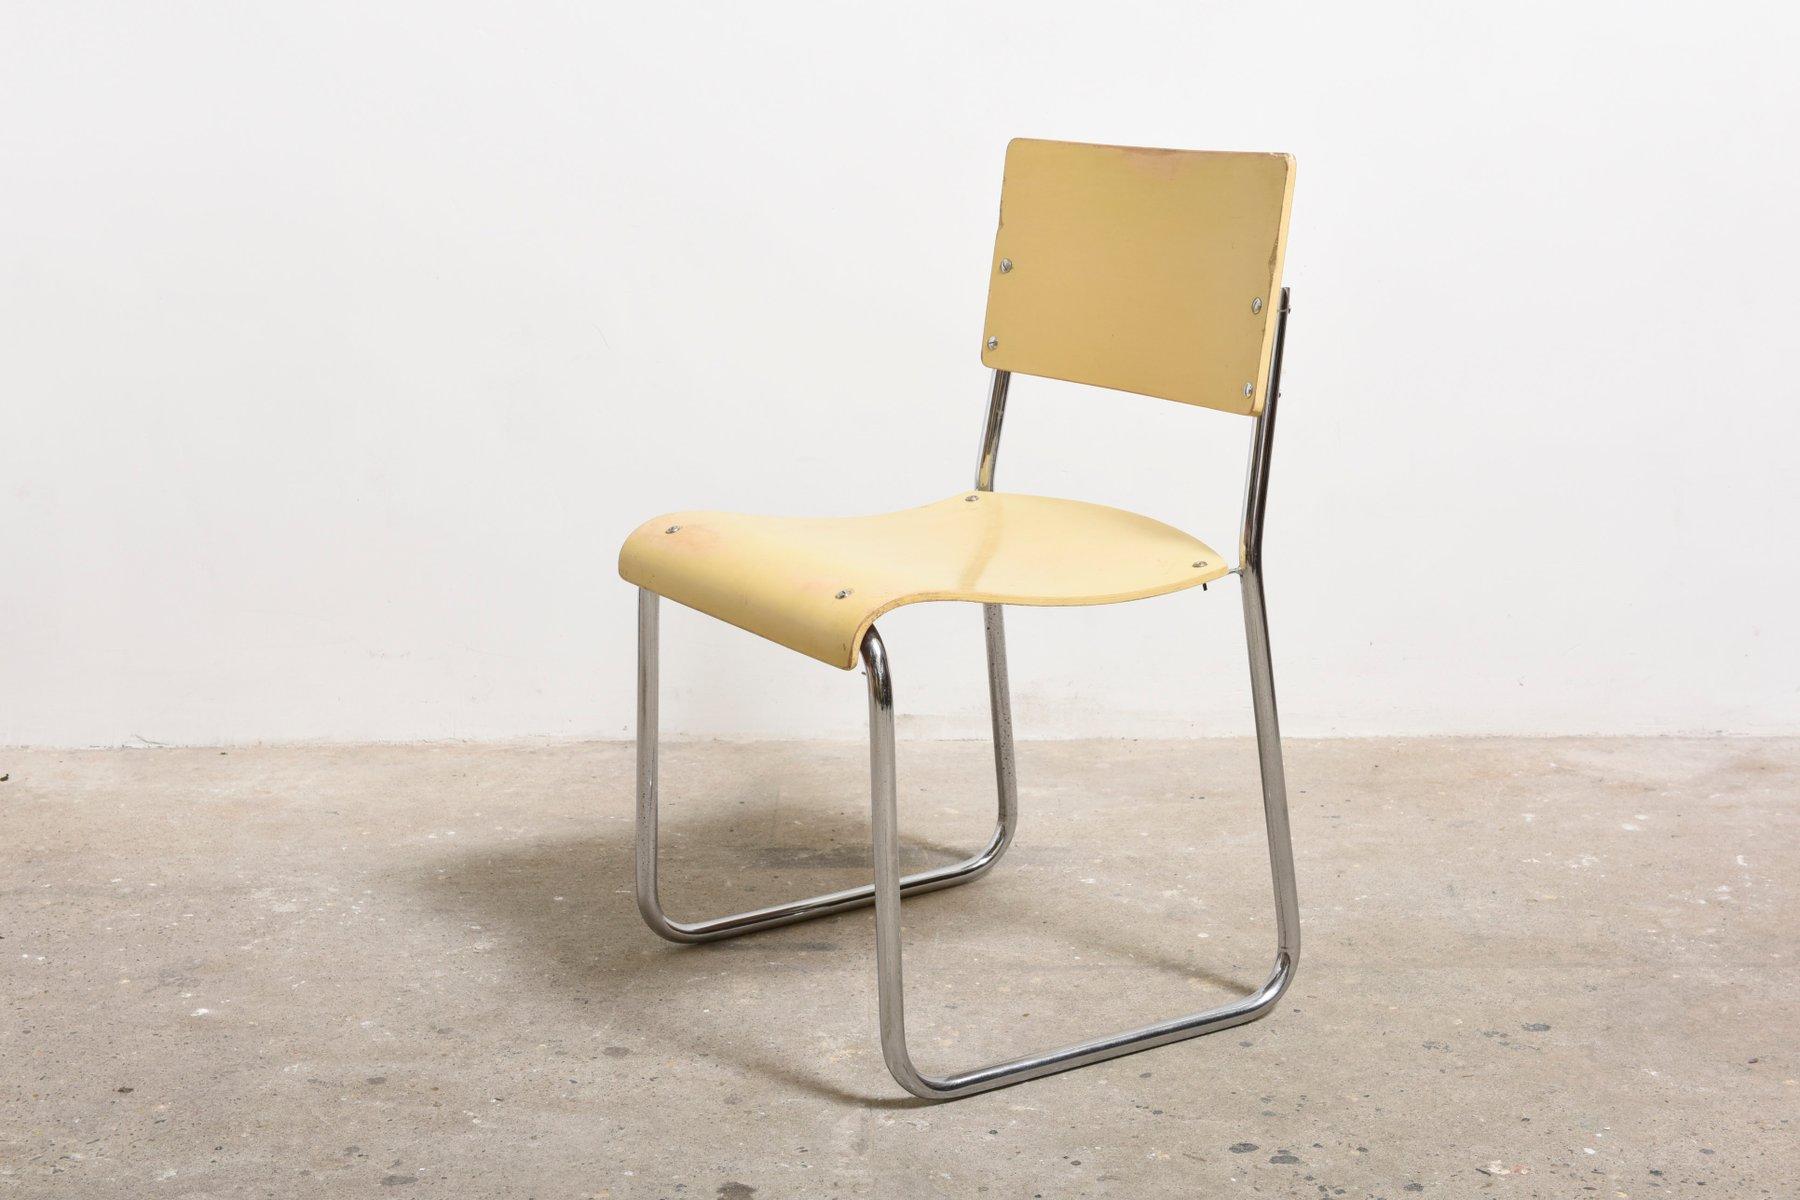 Bauhaus chair 1920 -